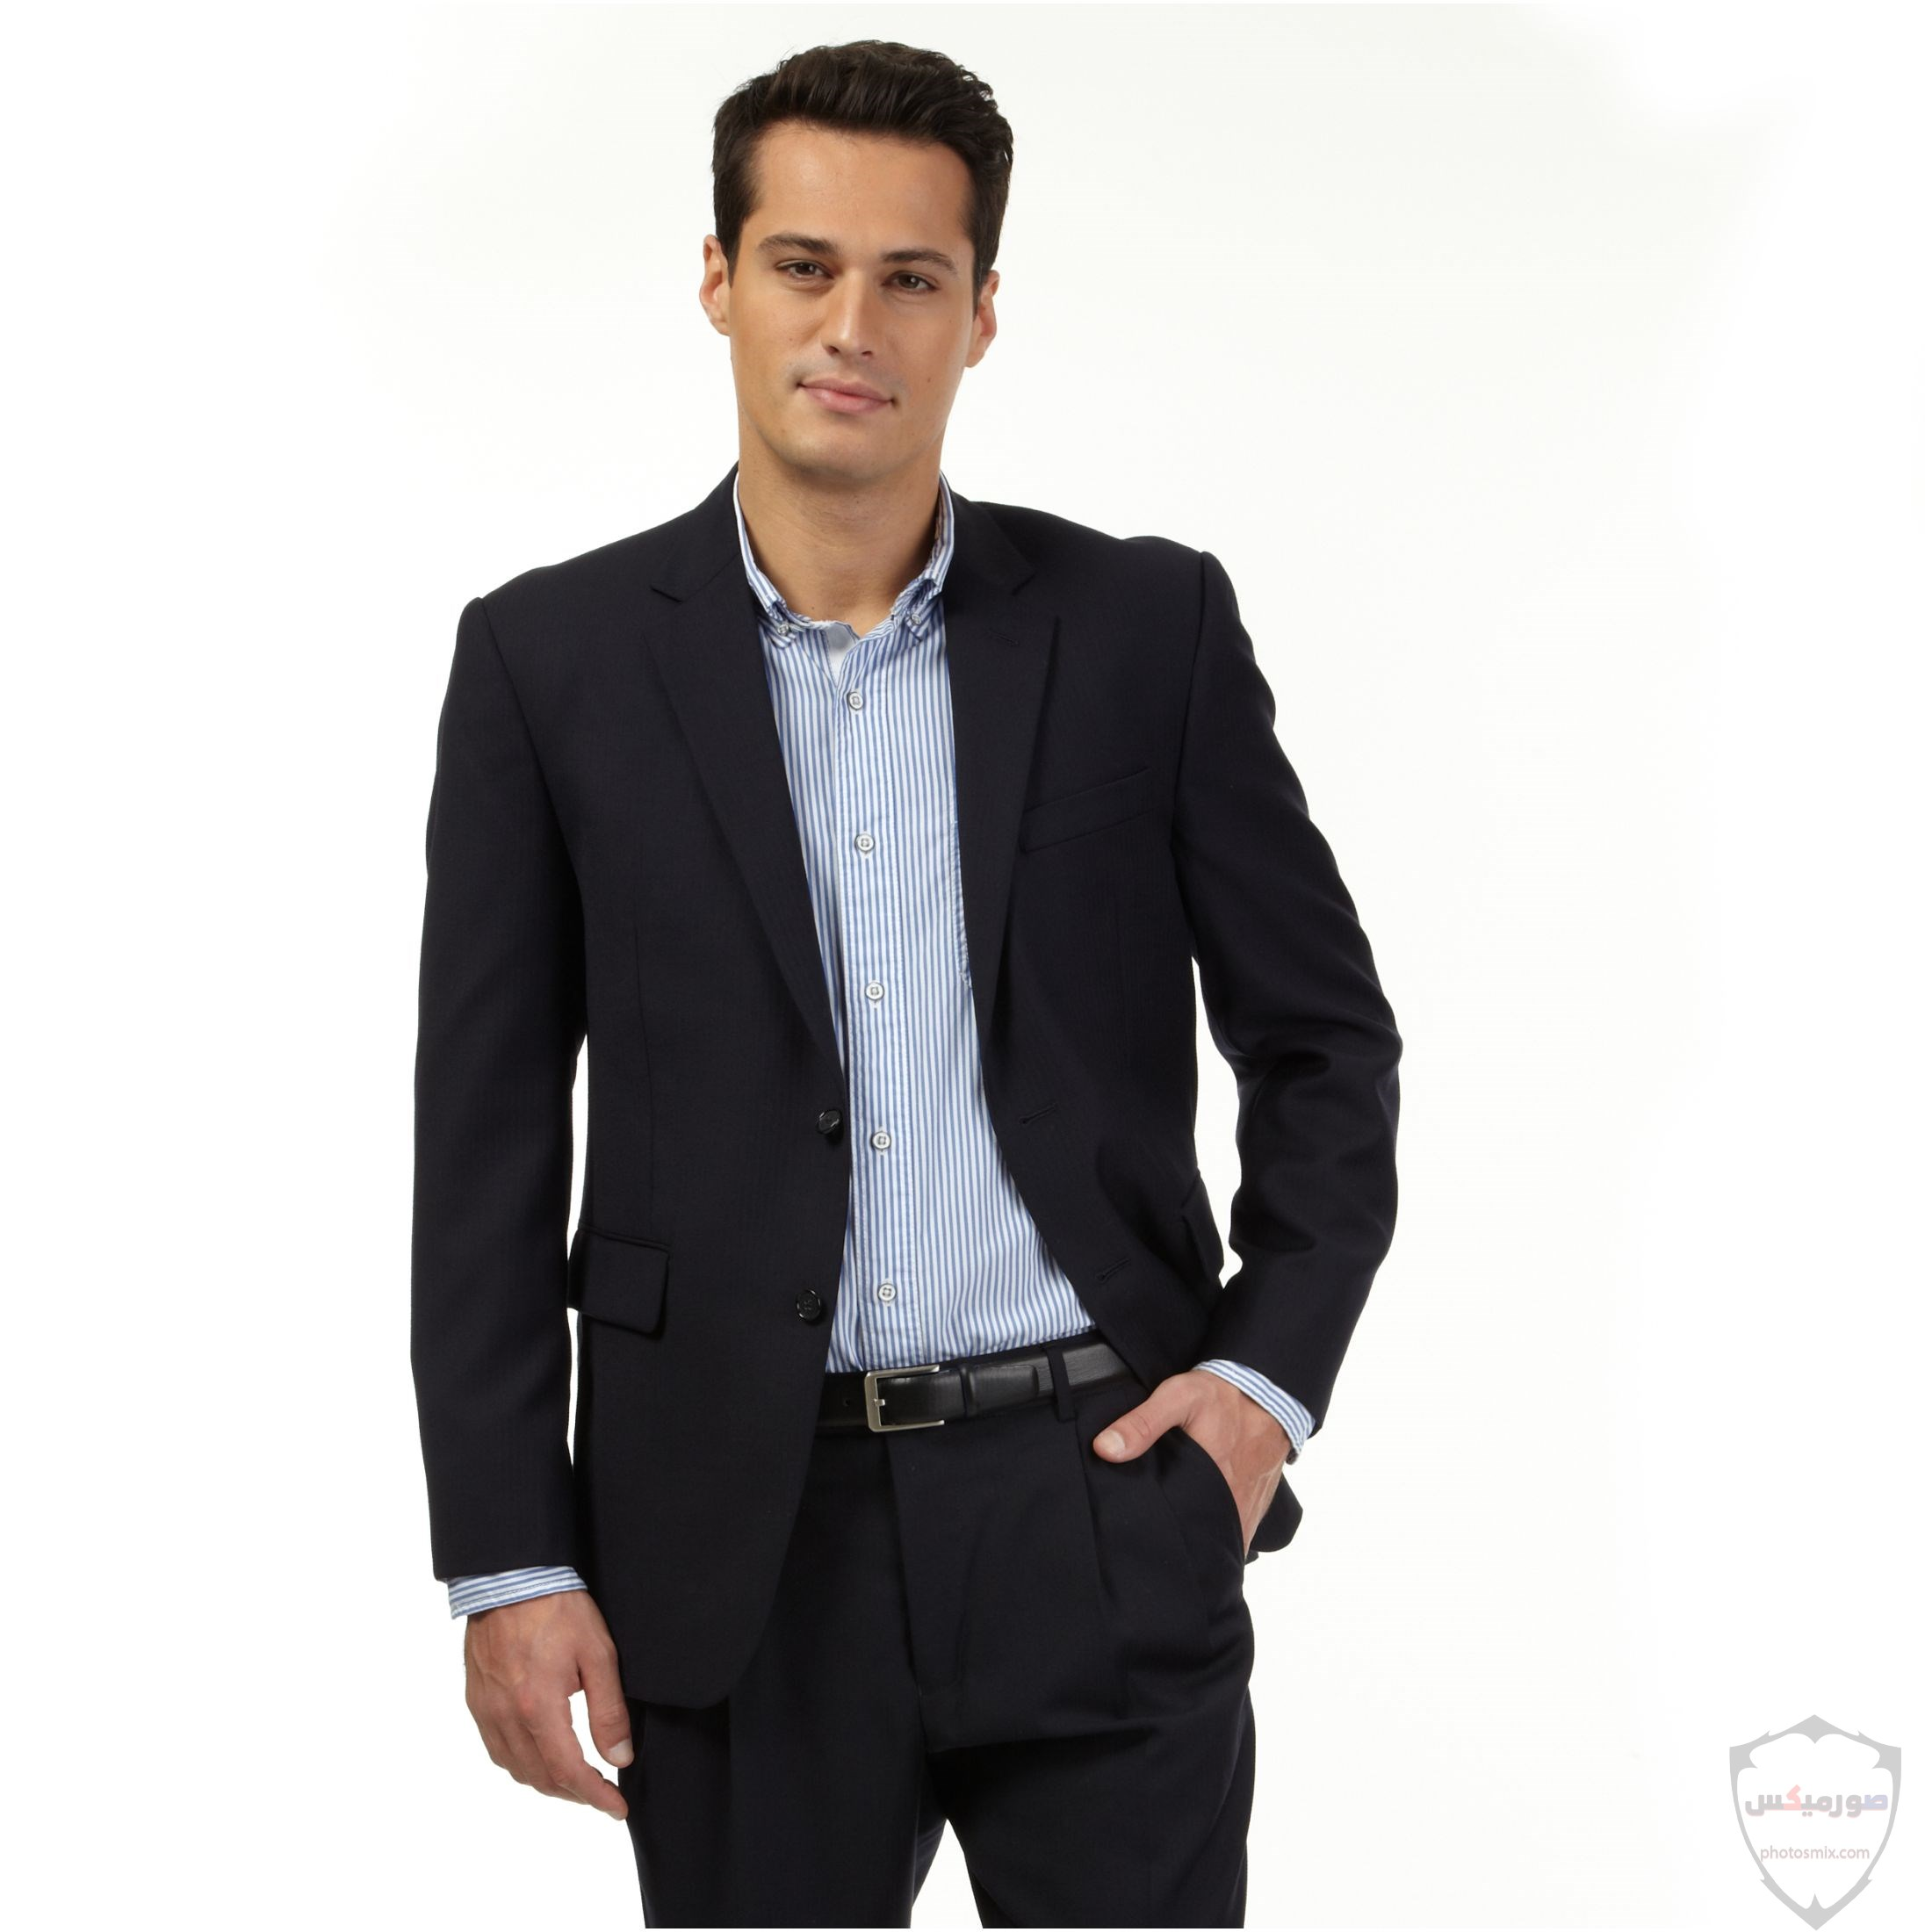 صور بدل رجالى 2020 صور ازياء وملابس كلاسيك شبابية للرجال 16